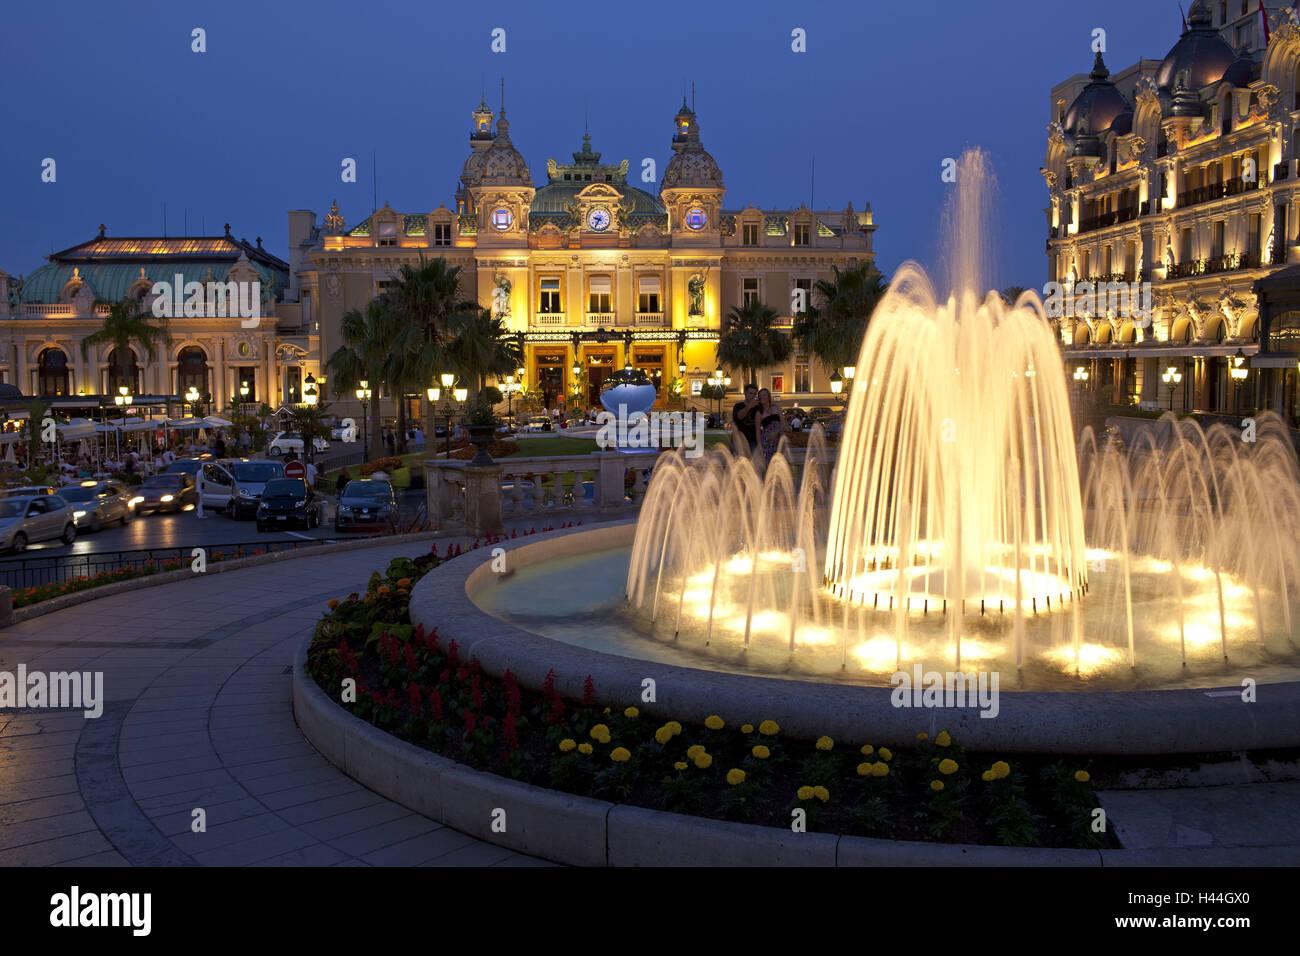 Principality of monaco casinos gaint vegas casino